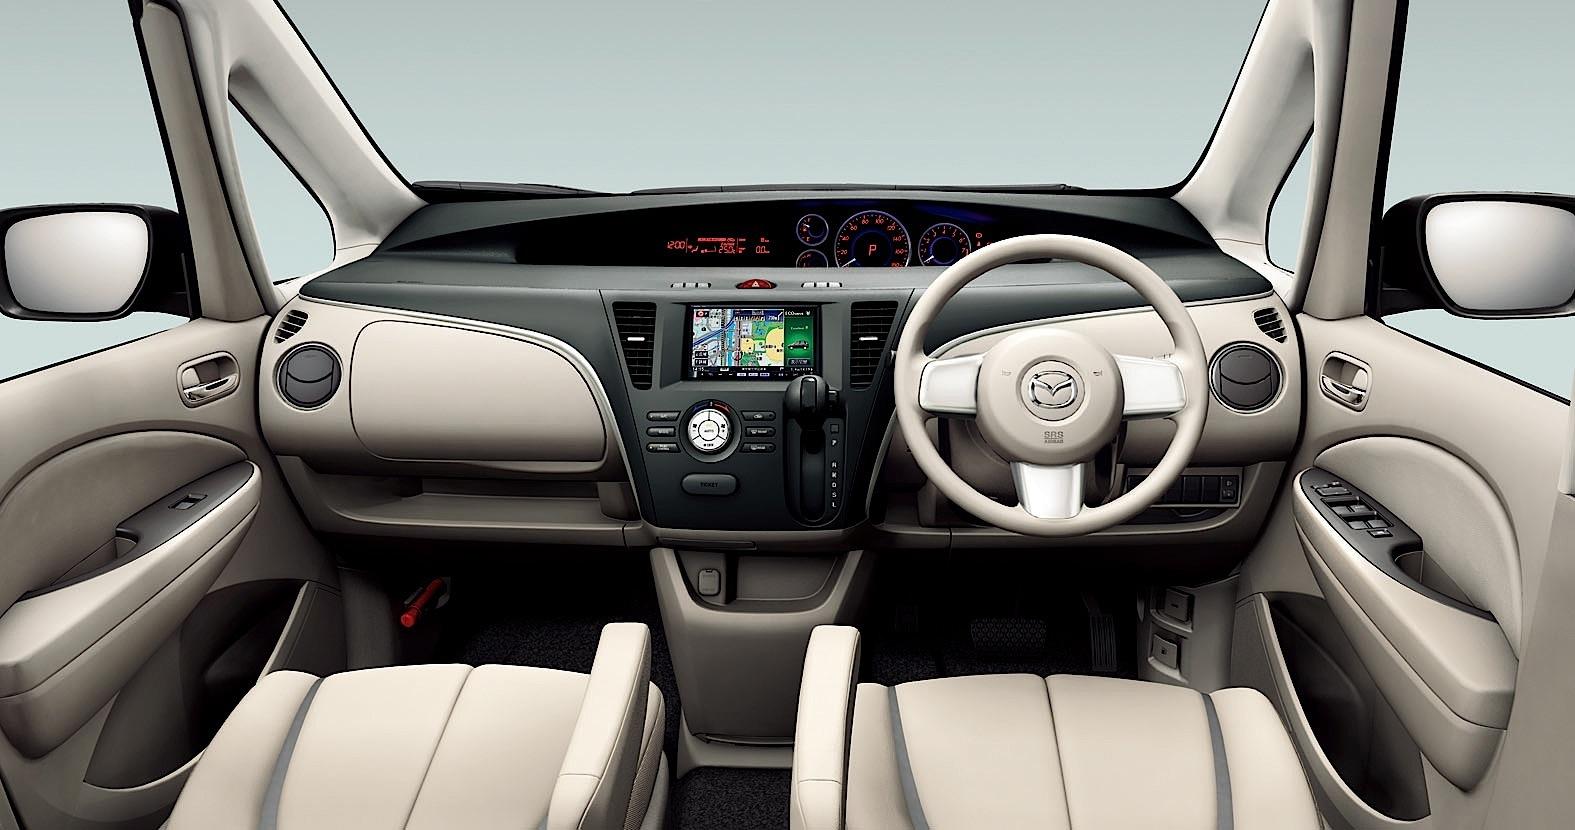 Kelebihan Kekurangan Harga Mazda Biante Murah Berkualitas